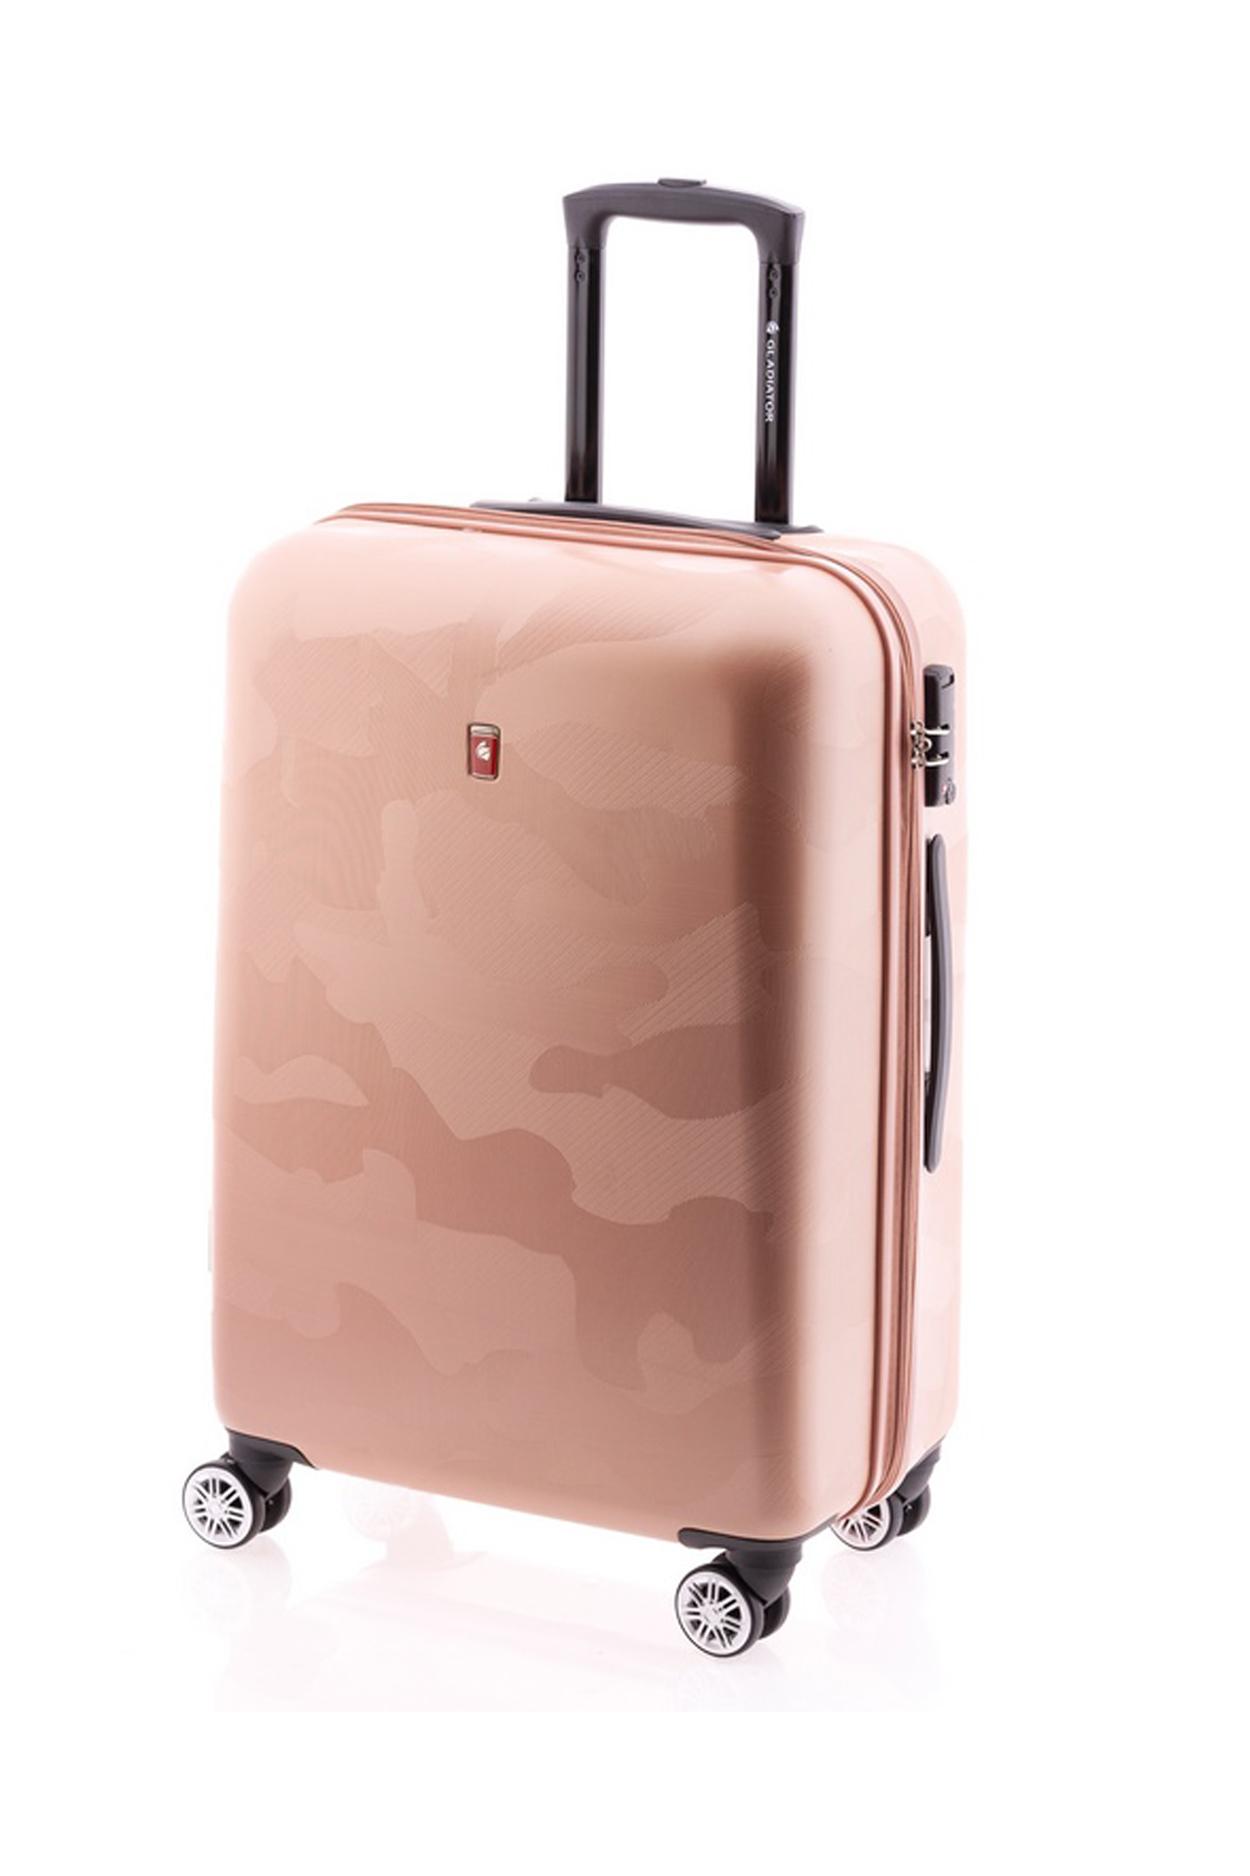 5111 maleta de viaje rebel gladiator 3